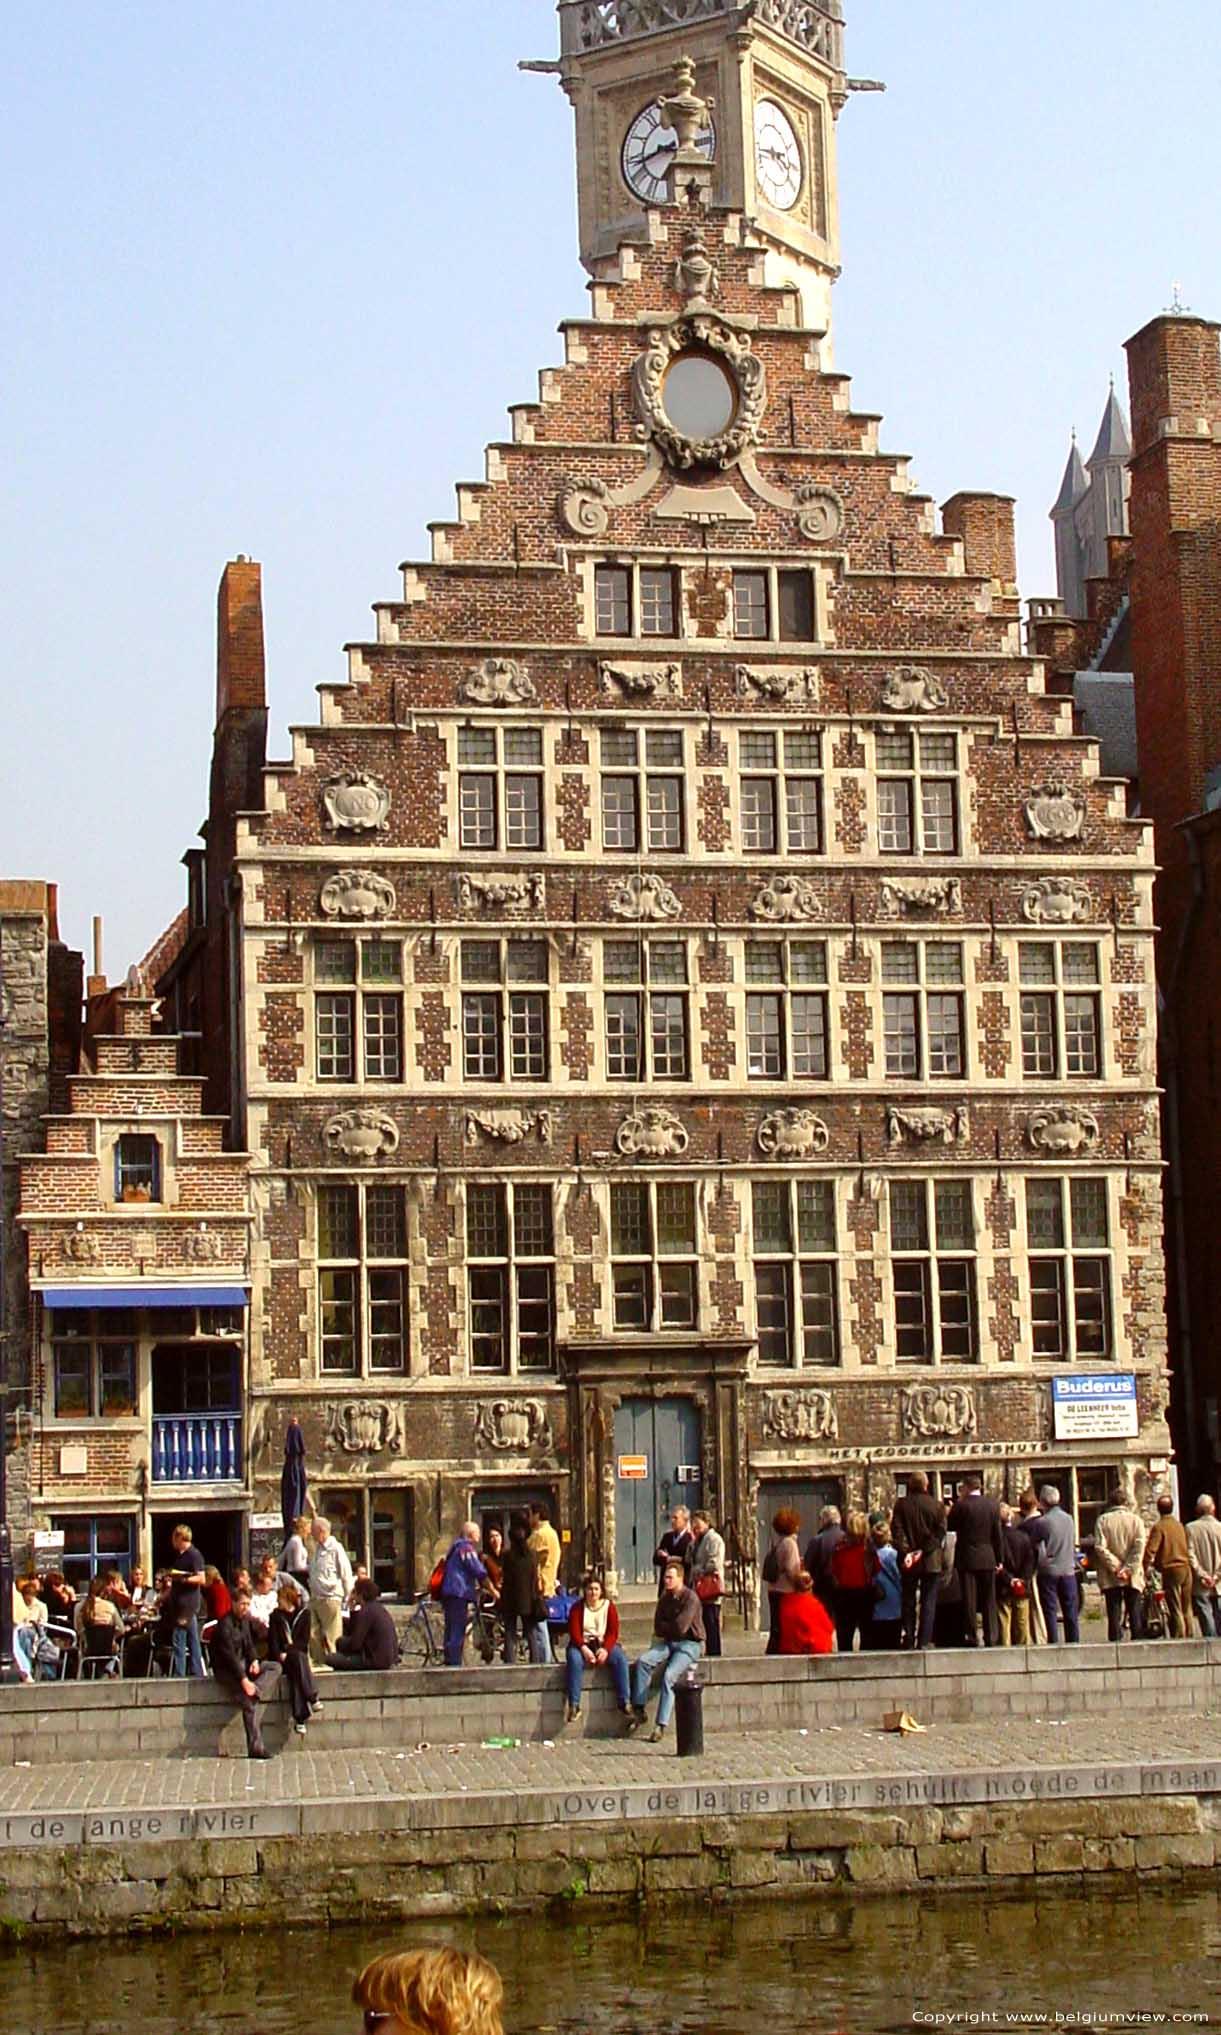 Cooremetershuys gent foto for Huis zichtbaar maken google streetview